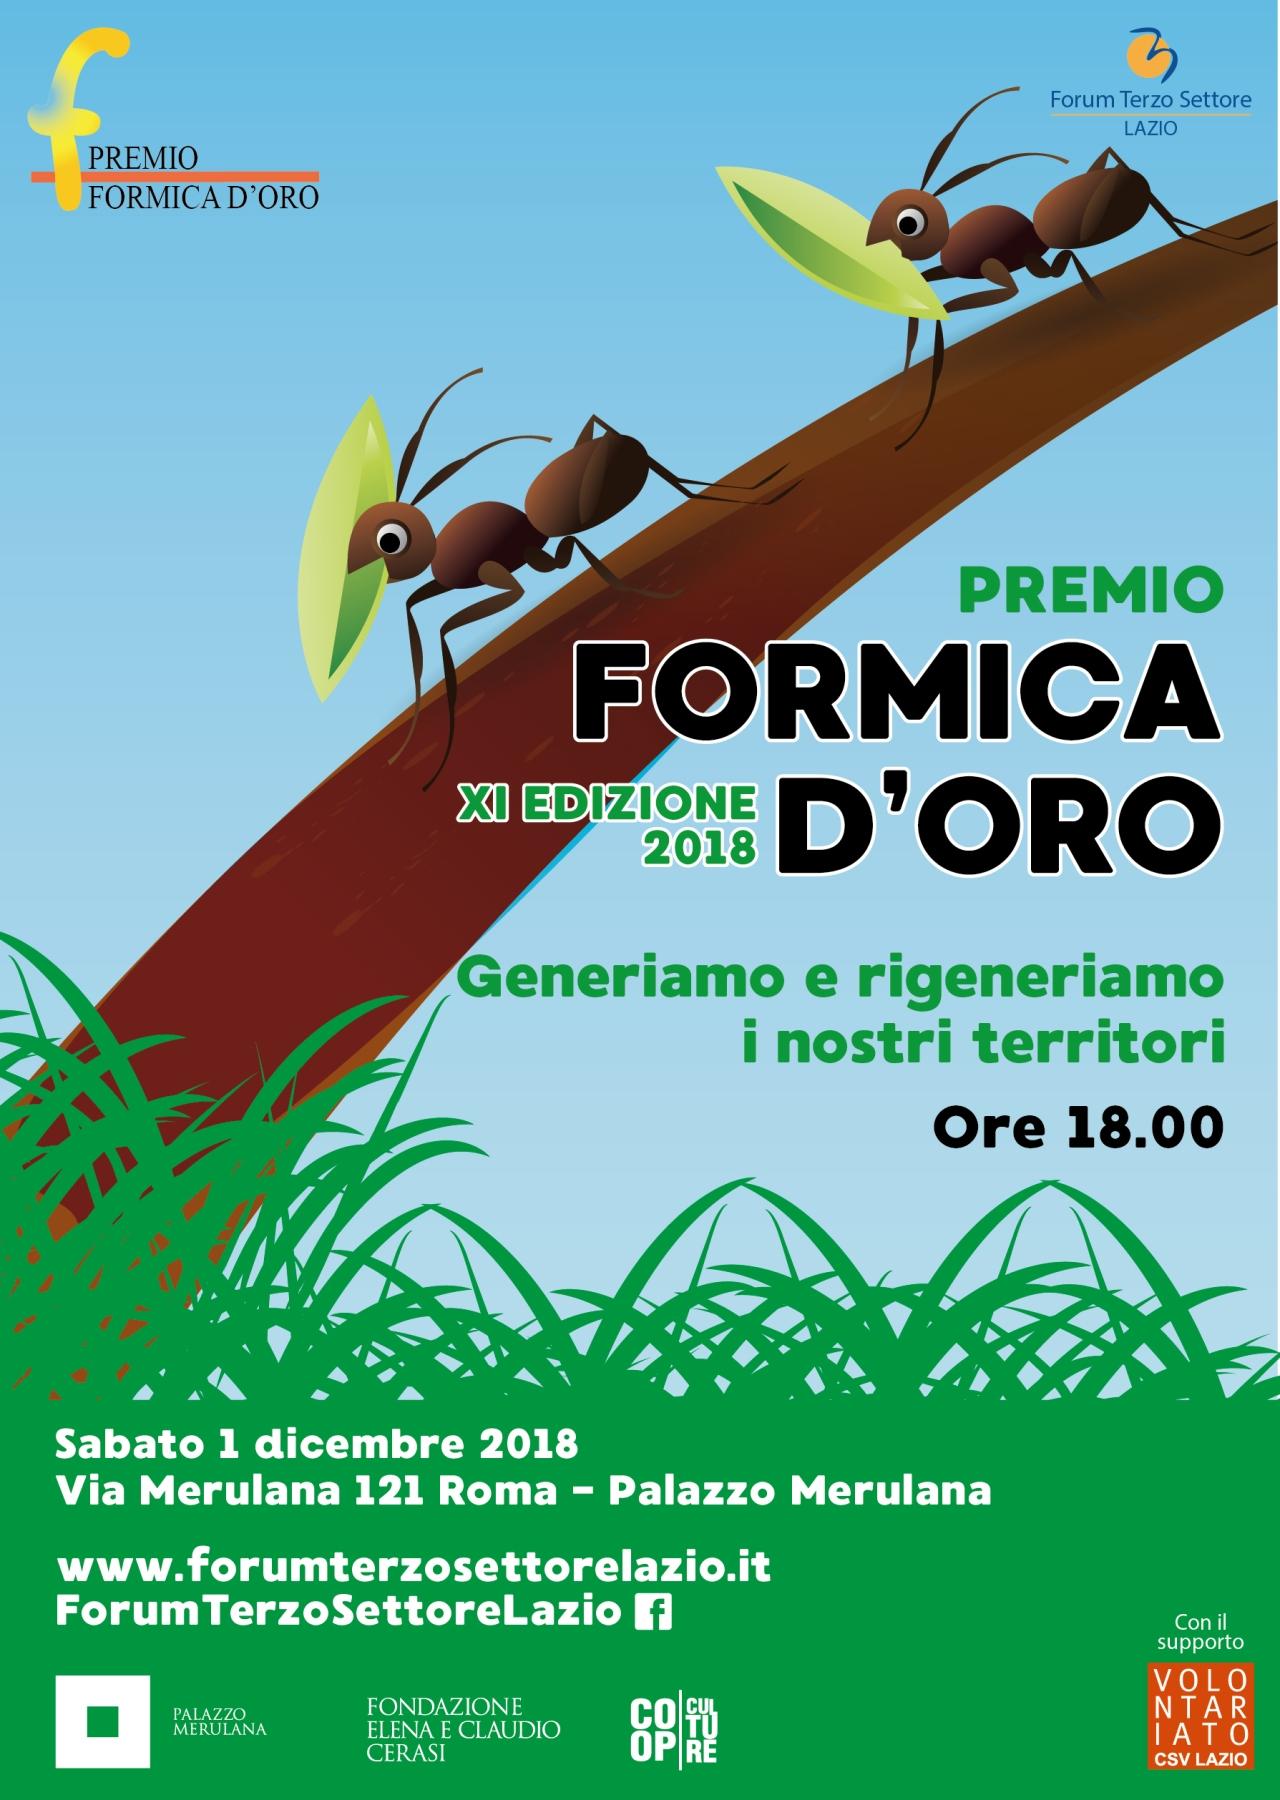 Forum del Terzo Settore Lazio: Premio Formica d'Oro 2018, domani l'evento 1 dicembre ore17.45